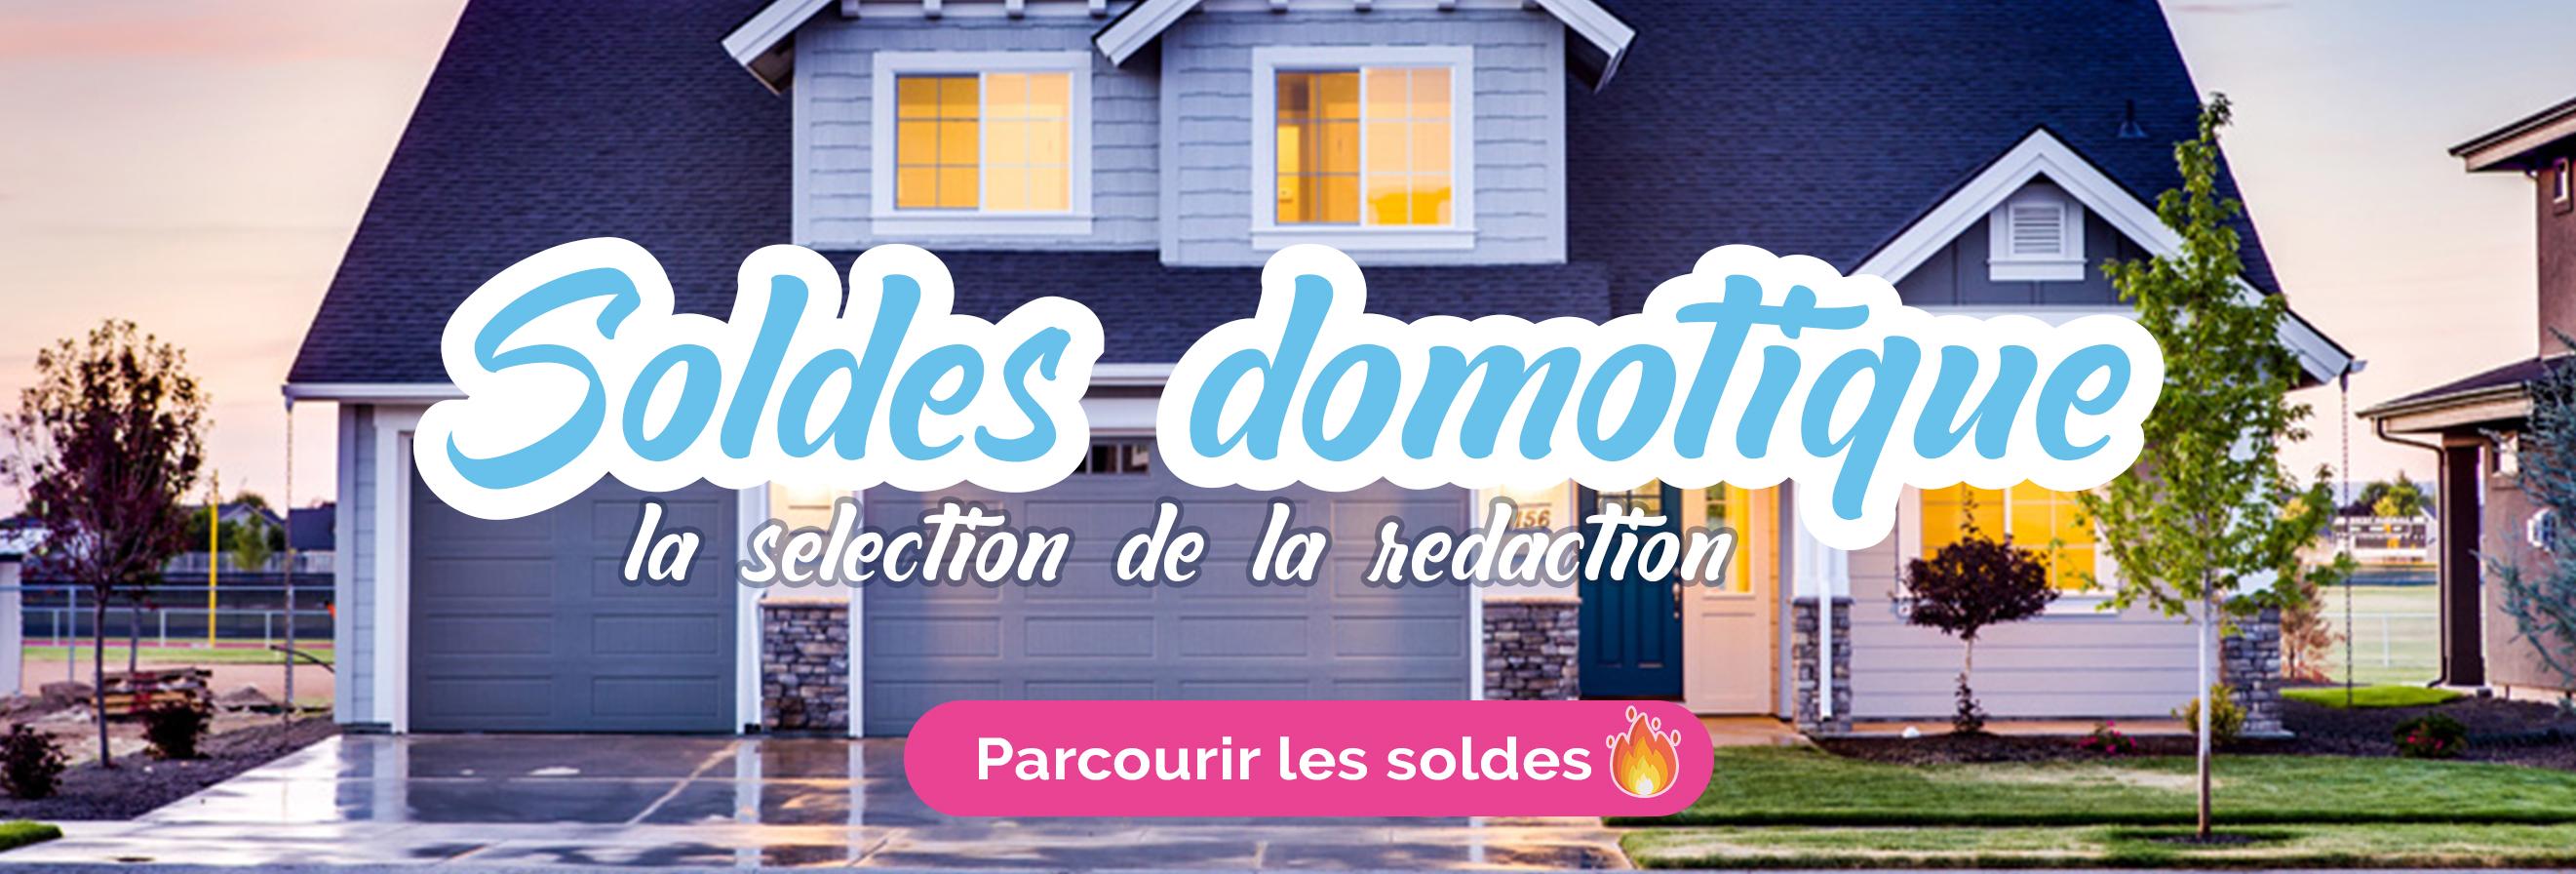 soldes-domotique-maison-ete-2019